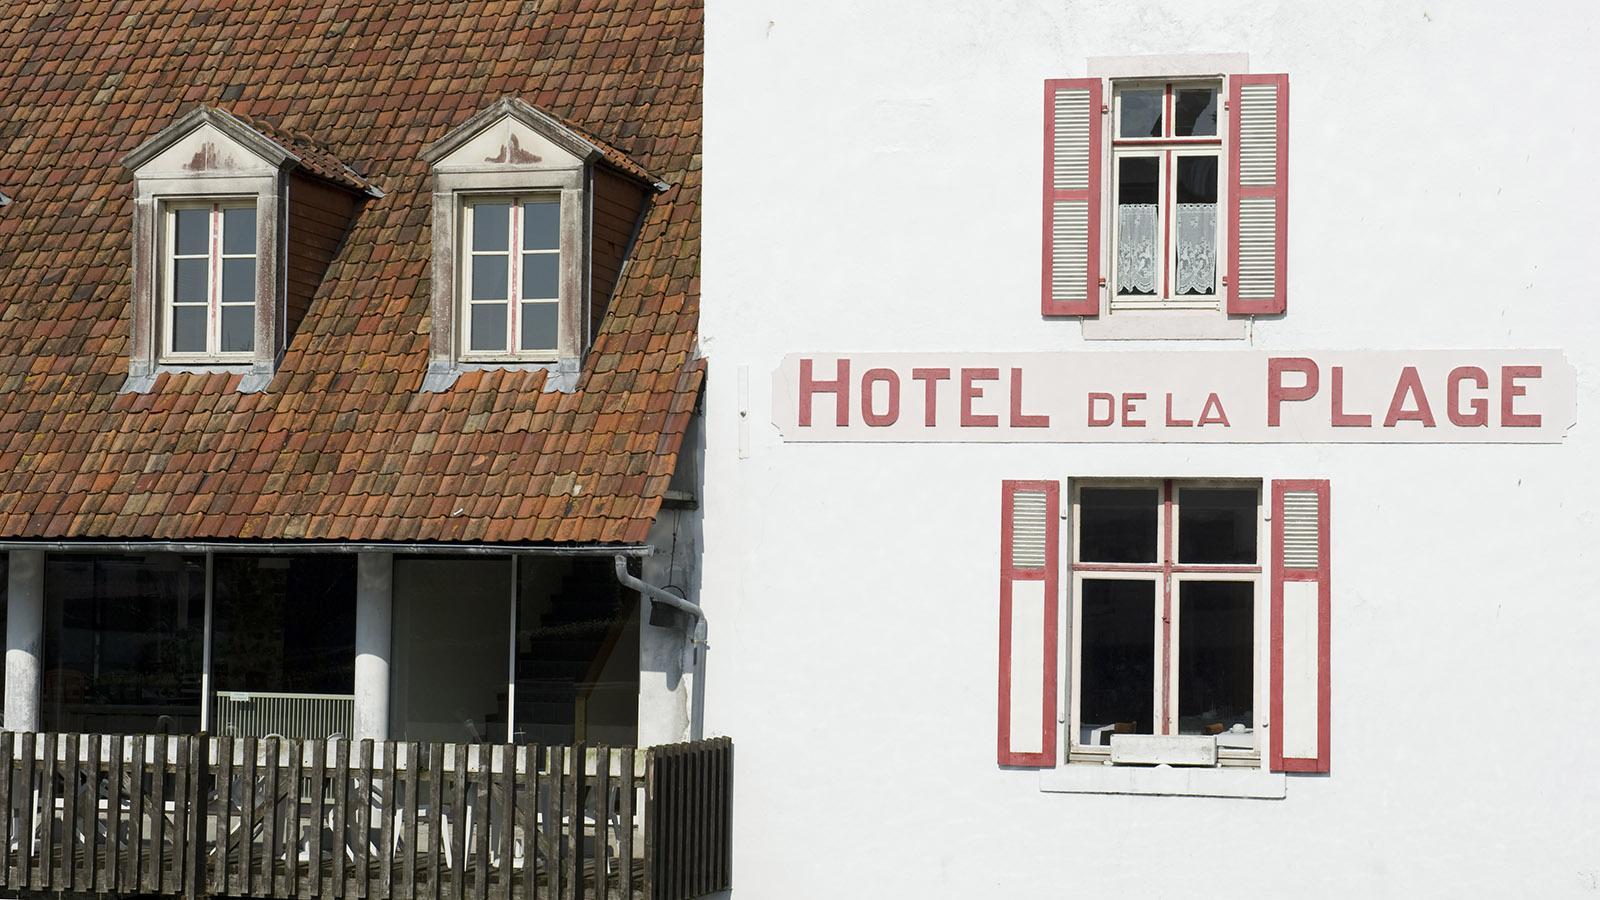 Das Hôtel de la Plage von Wissant an der Côte d'Opale. Foto: Hilke Maunder